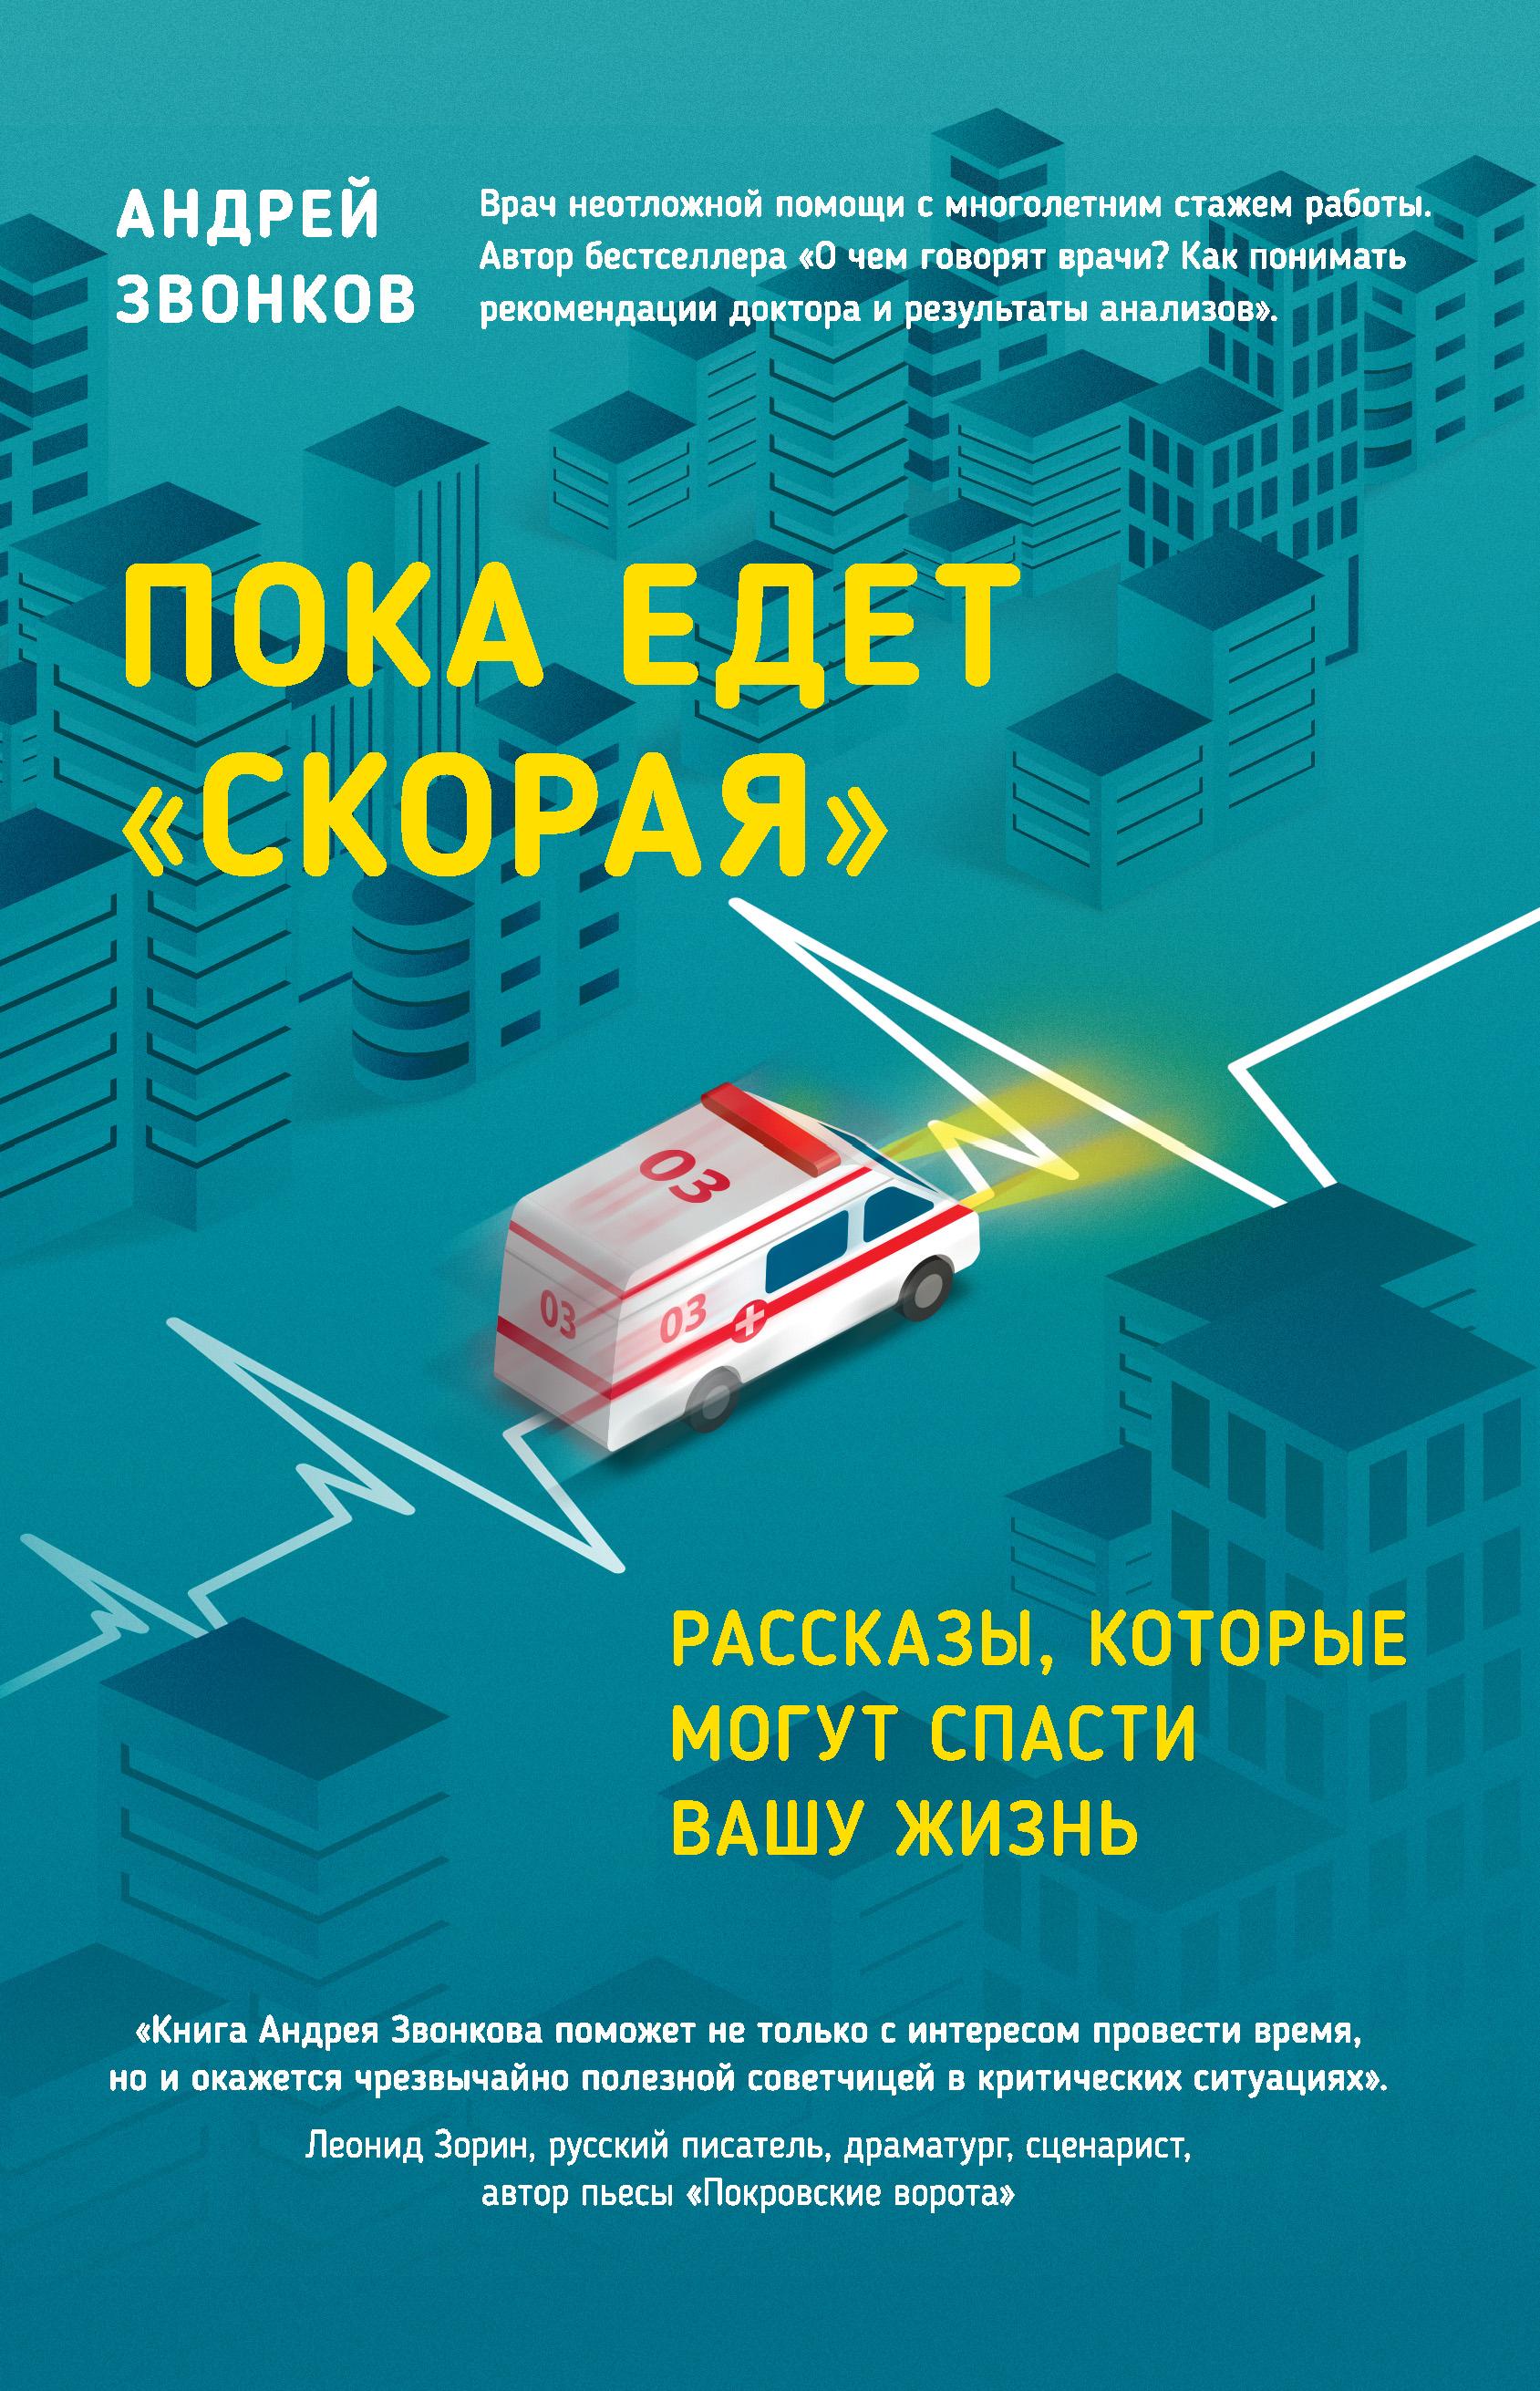 купить Андрей Звонков Пока едет «Скорая». Рассказы, которые могут спасти вашу жизнь по цене 199 рублей